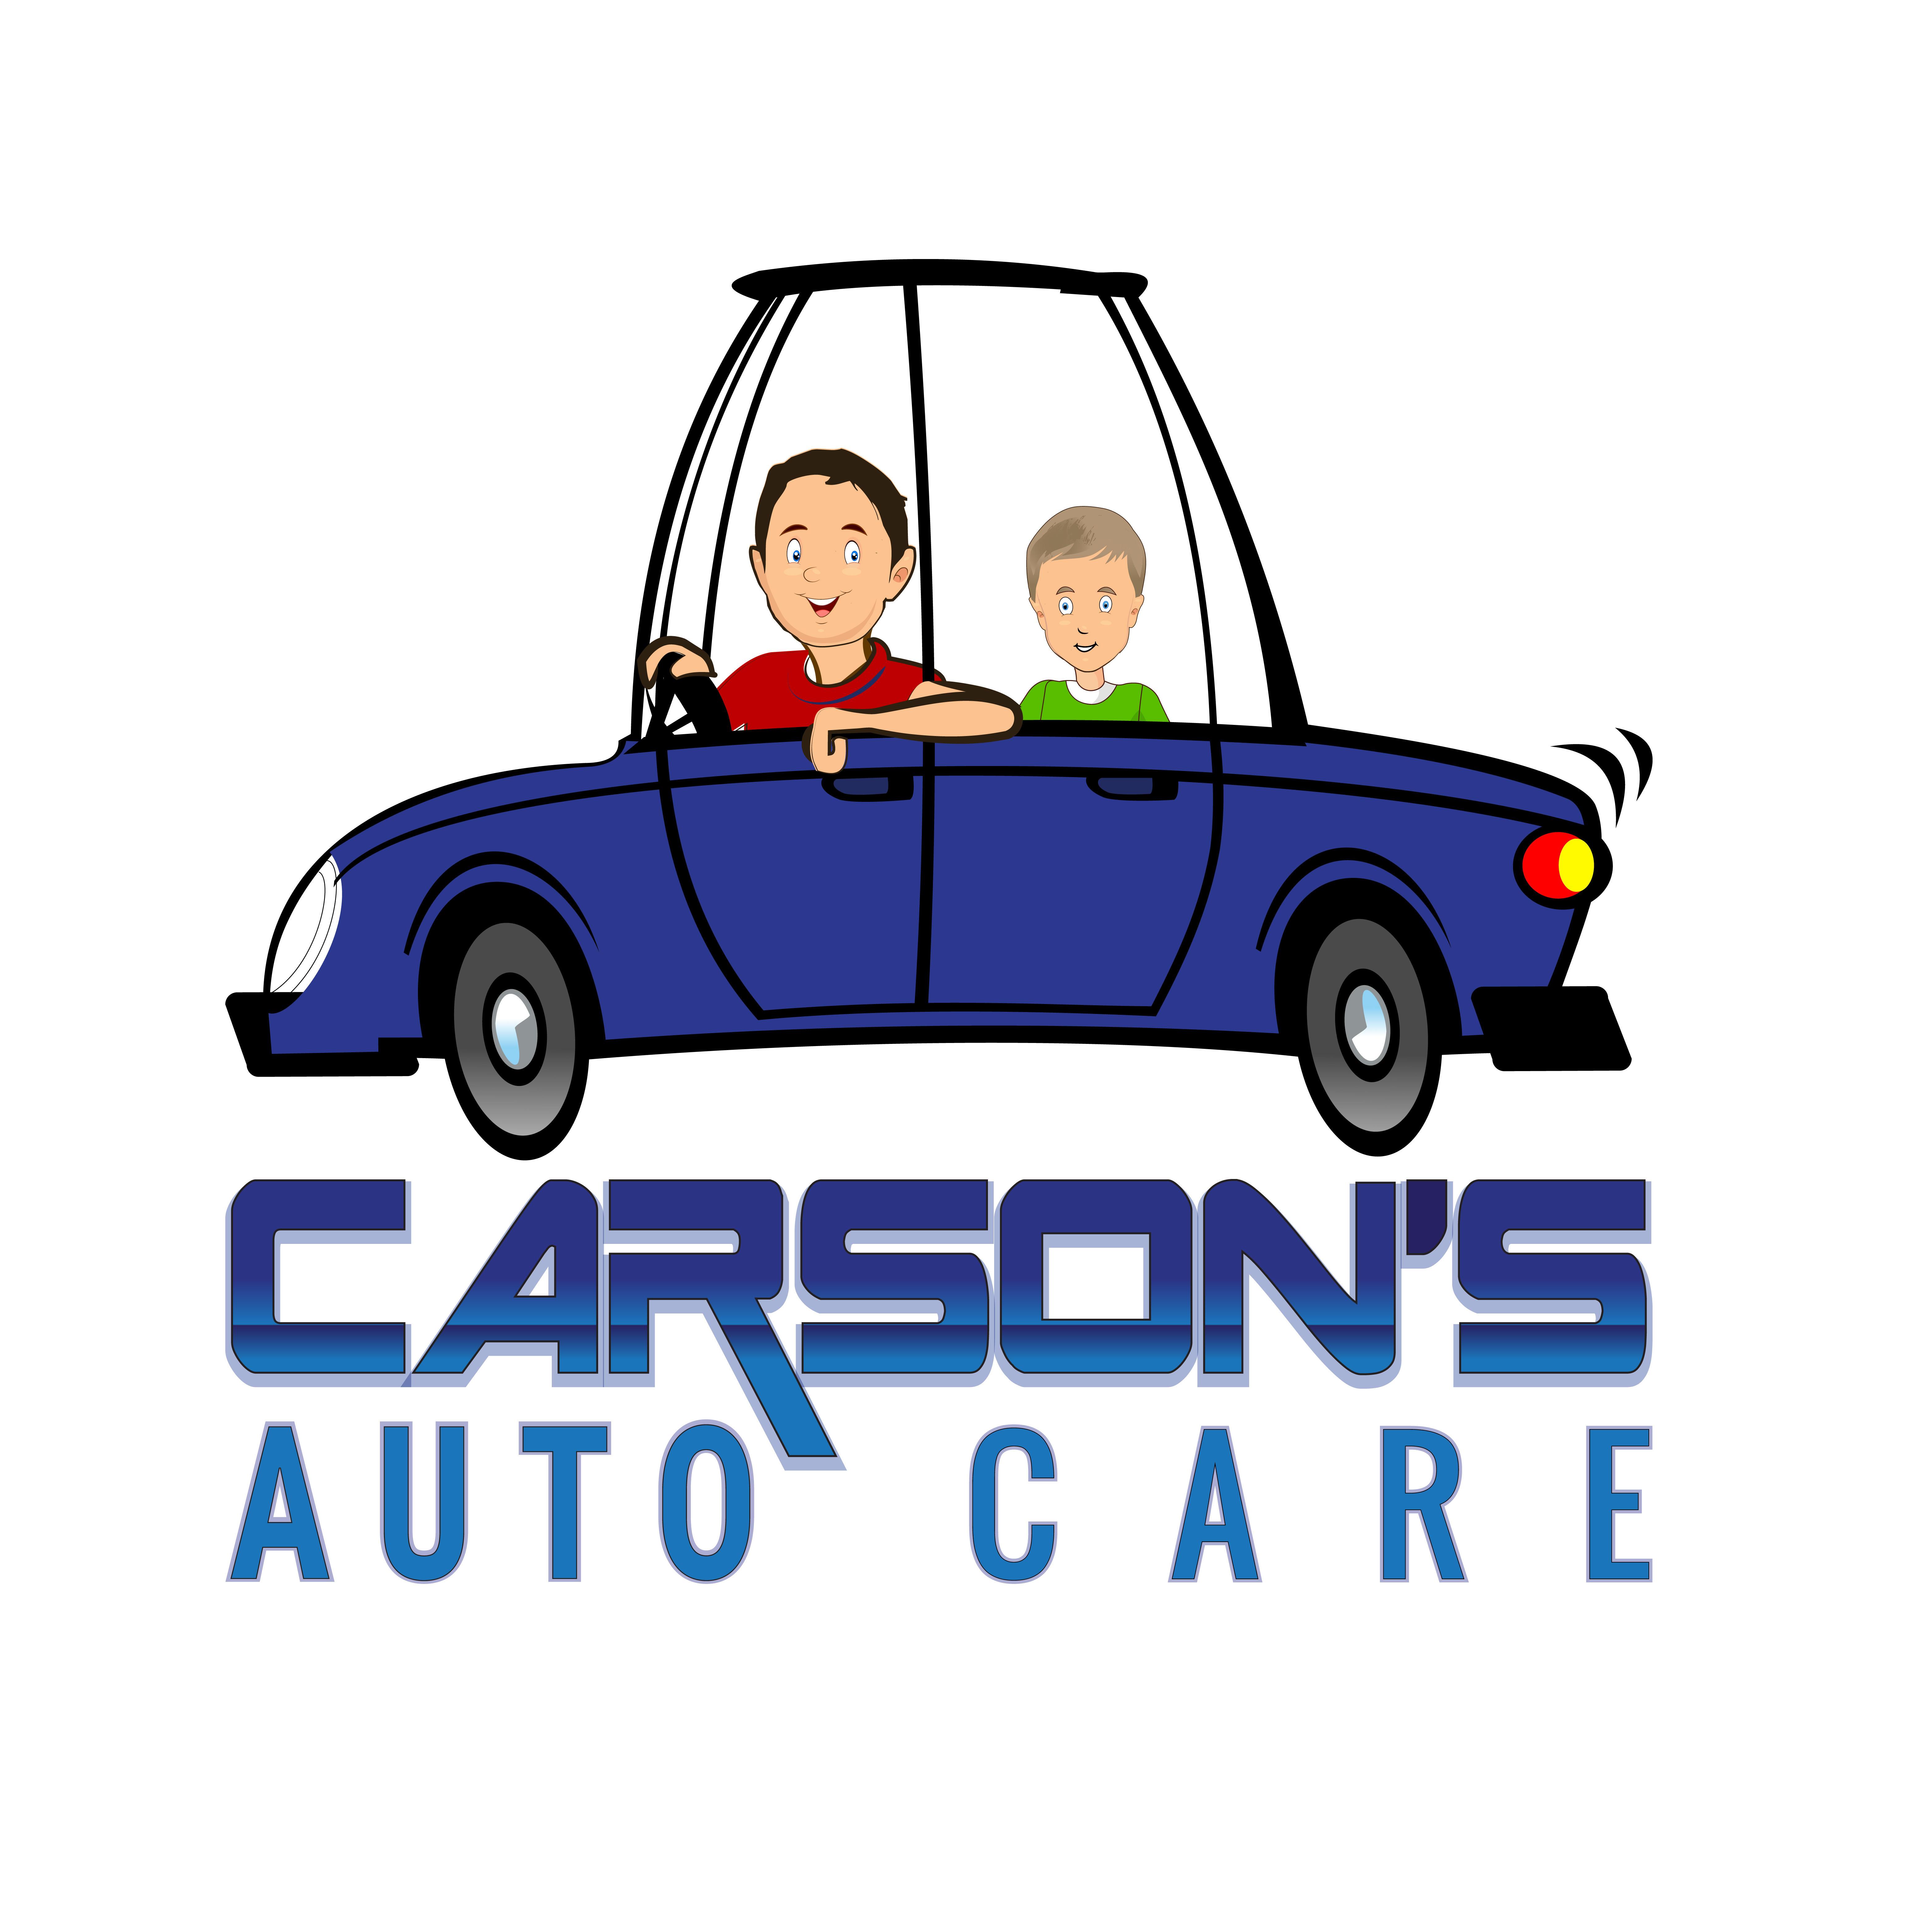 Carson's Auto Care